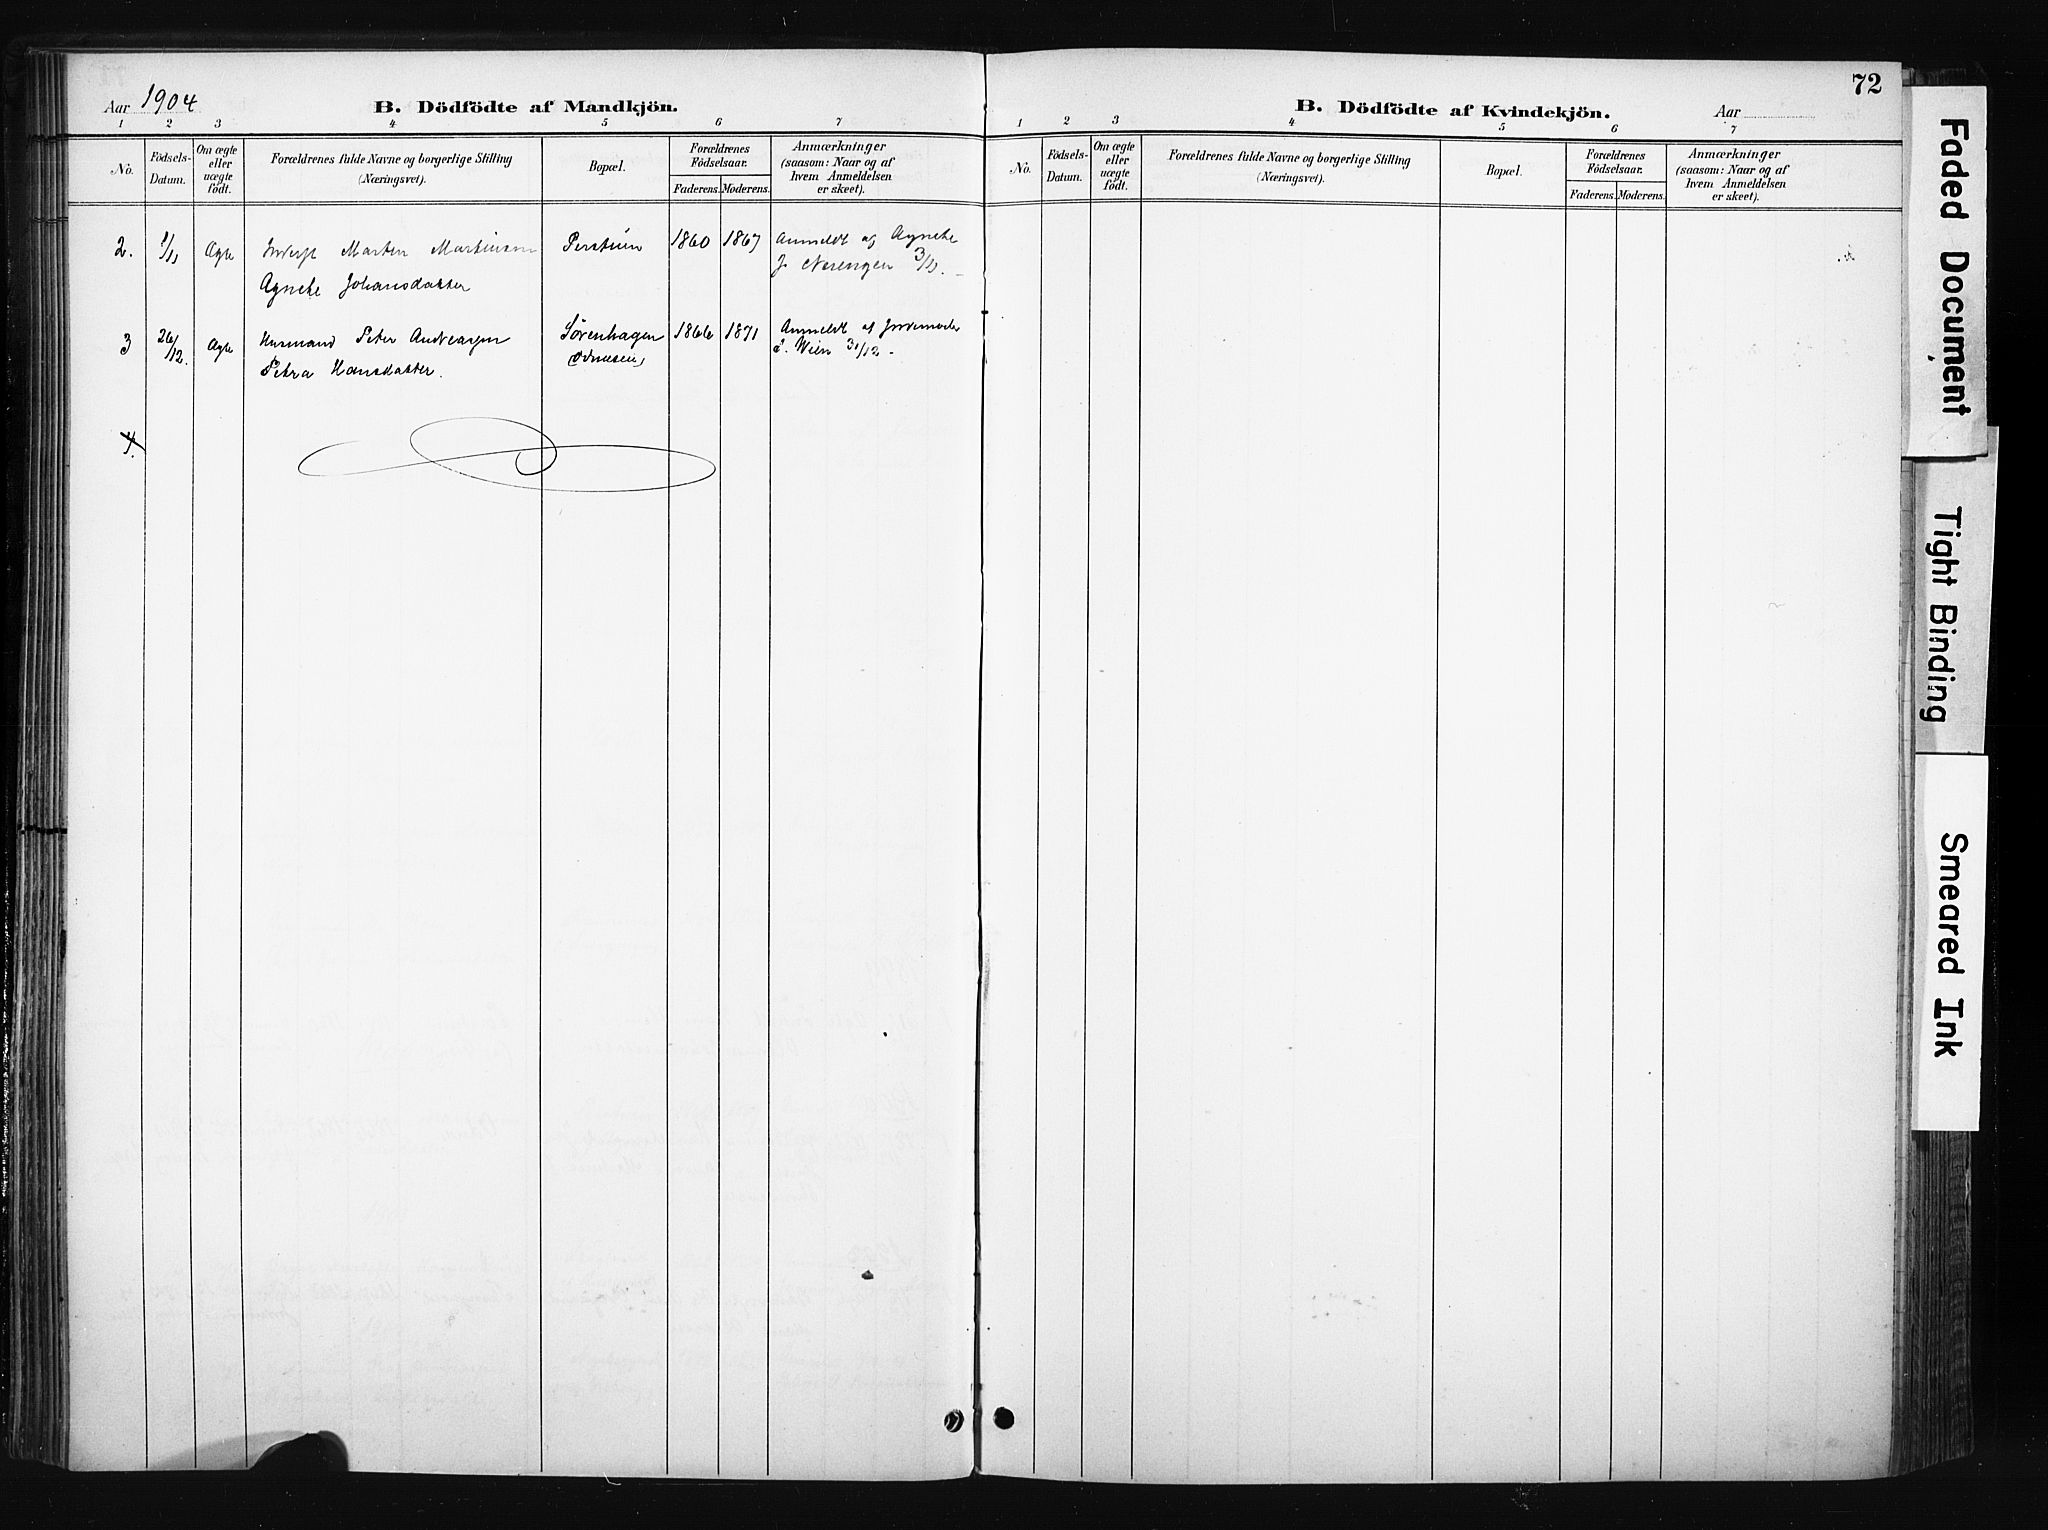 SAH, Søndre Land prestekontor, K/L0004: Ministerialbok nr. 4, 1895-1904, s. 72